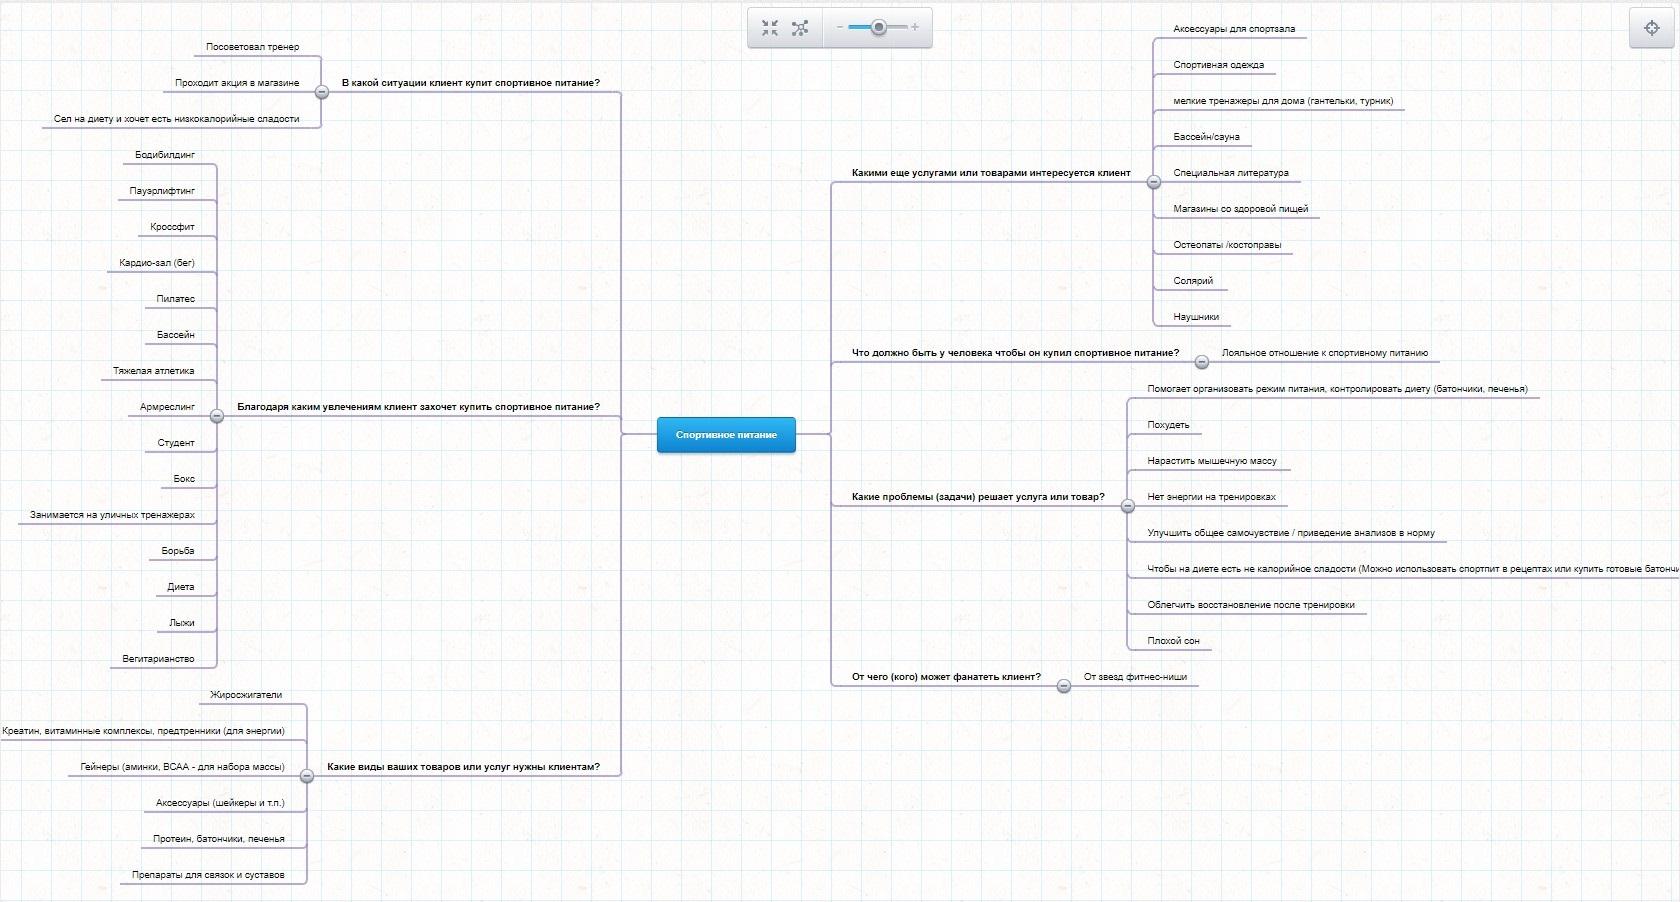 Как настроить рекламу ВКонтакте — интеллект-карта по спортивному питанию